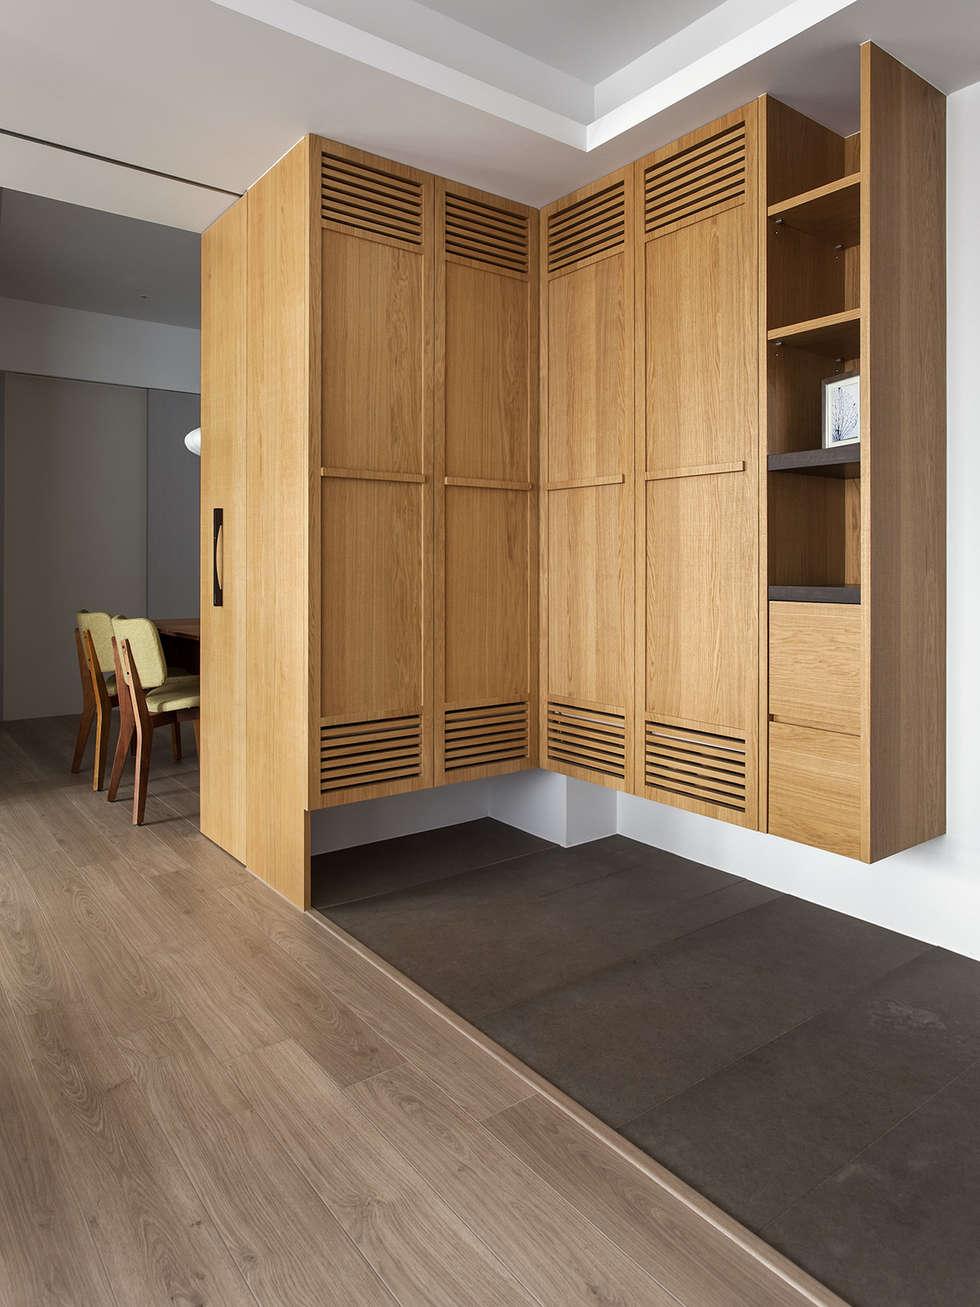 玄關-鞋櫃:  走廊 & 玄關 by 禾光室內裝修設計 ─ Her Guang Design